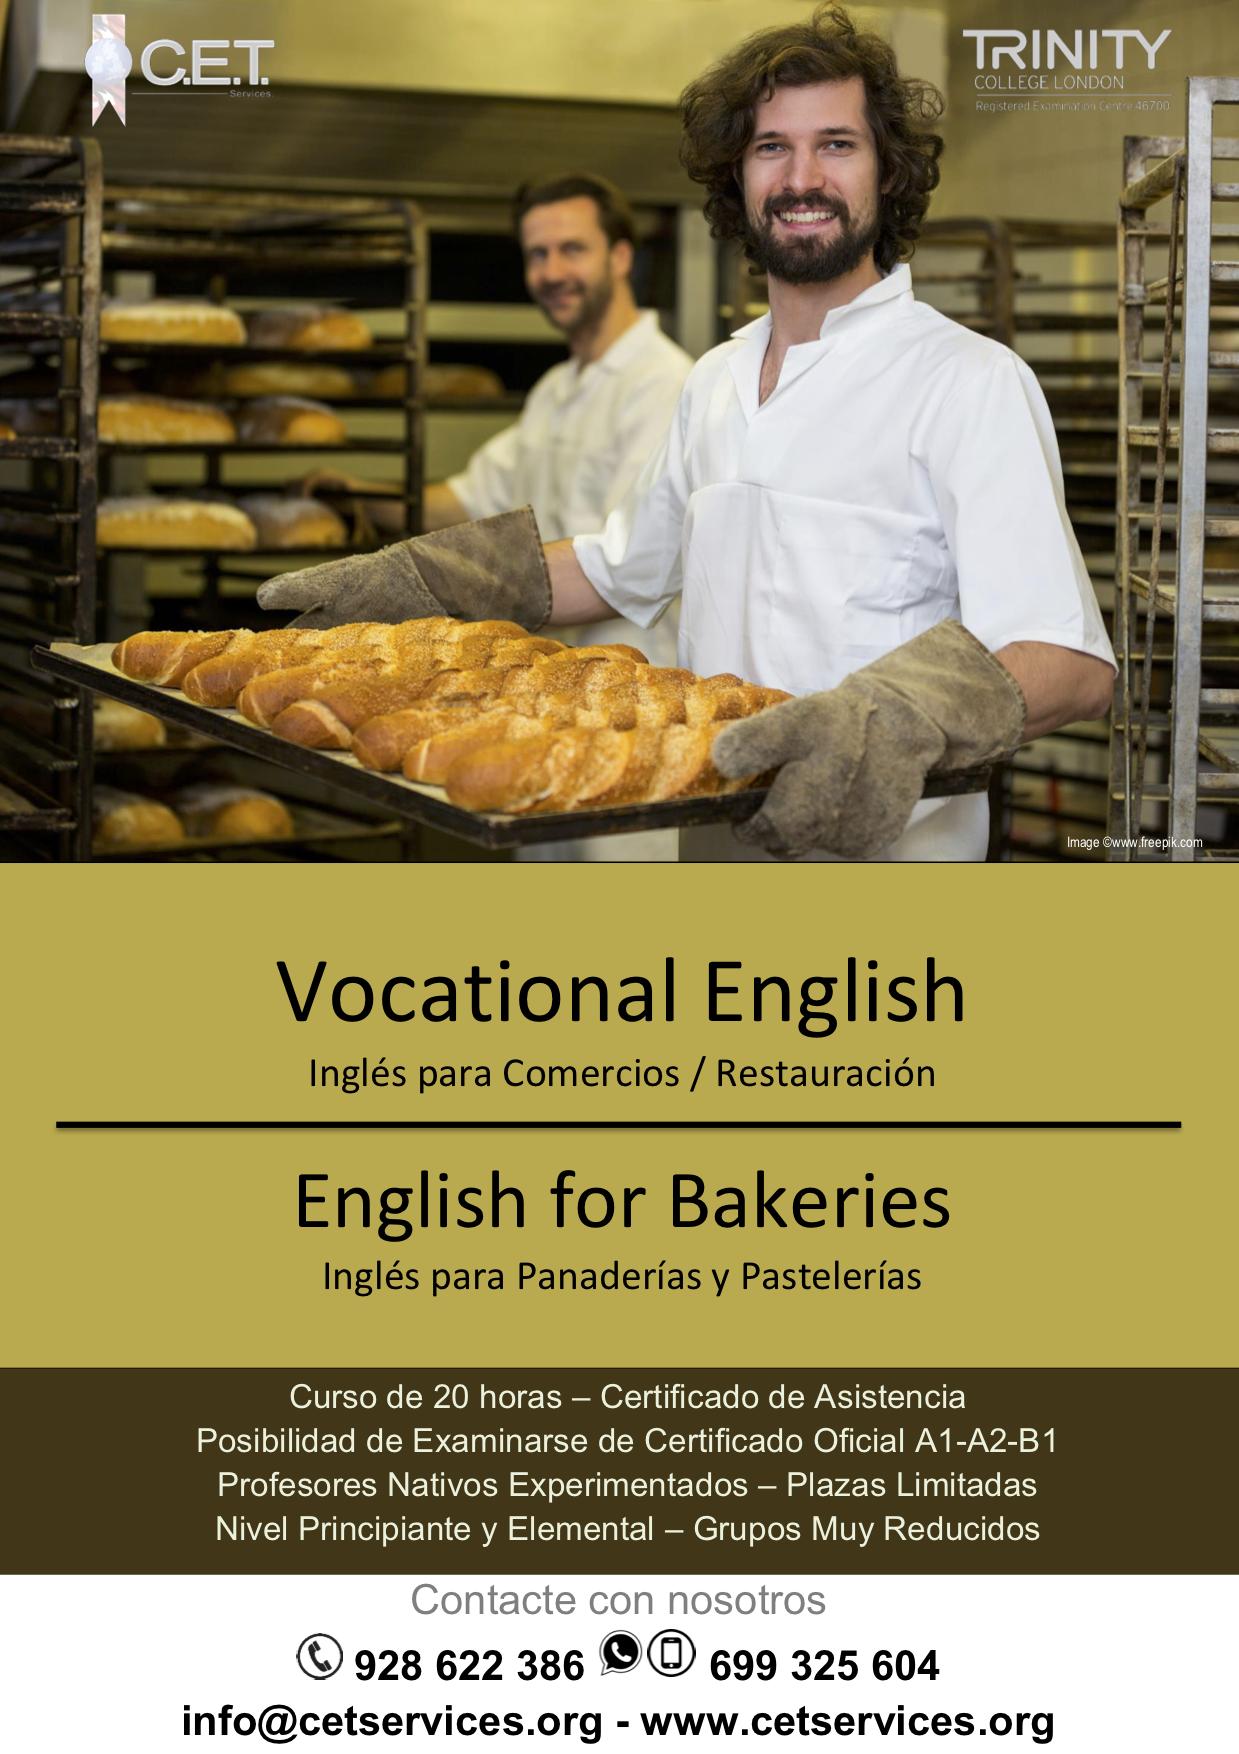 Inglés para Panaderías y Pastelerías – C E T  Services